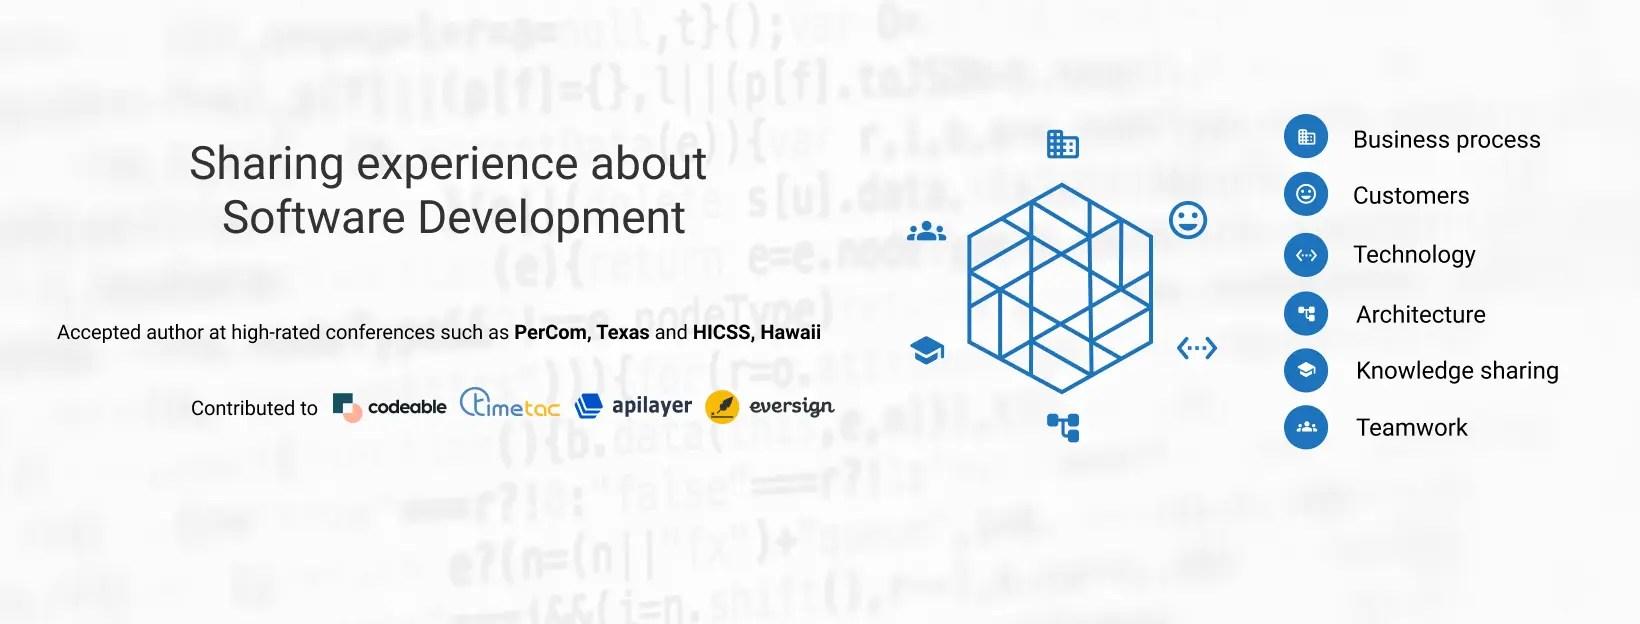 understanding of Software Development